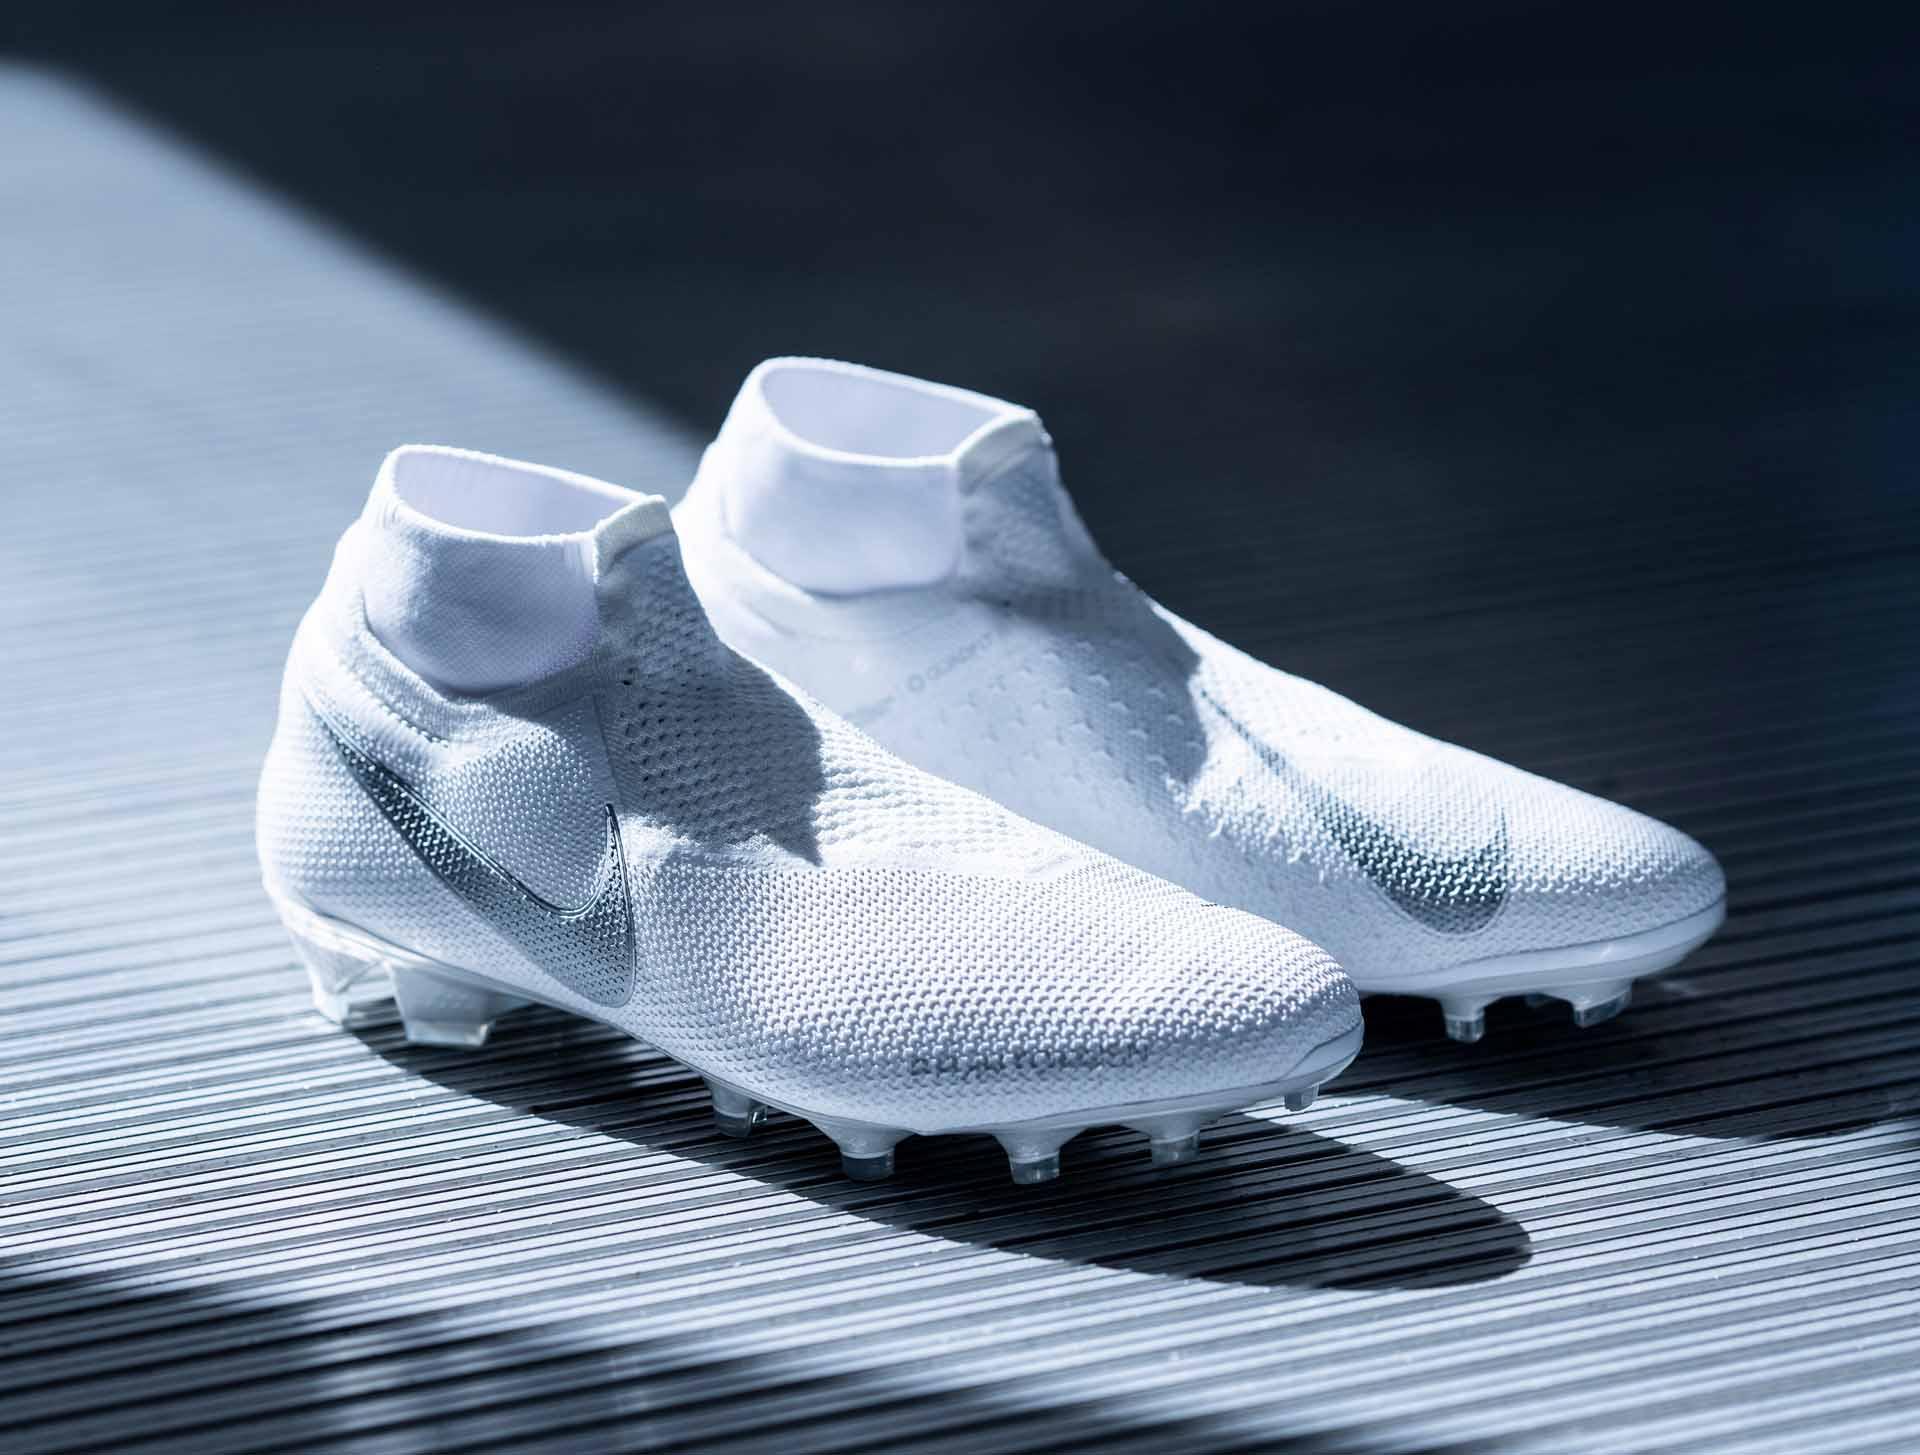 GIày Nike Phantom VSN trong bộ sưu tập Nuovo White Pack